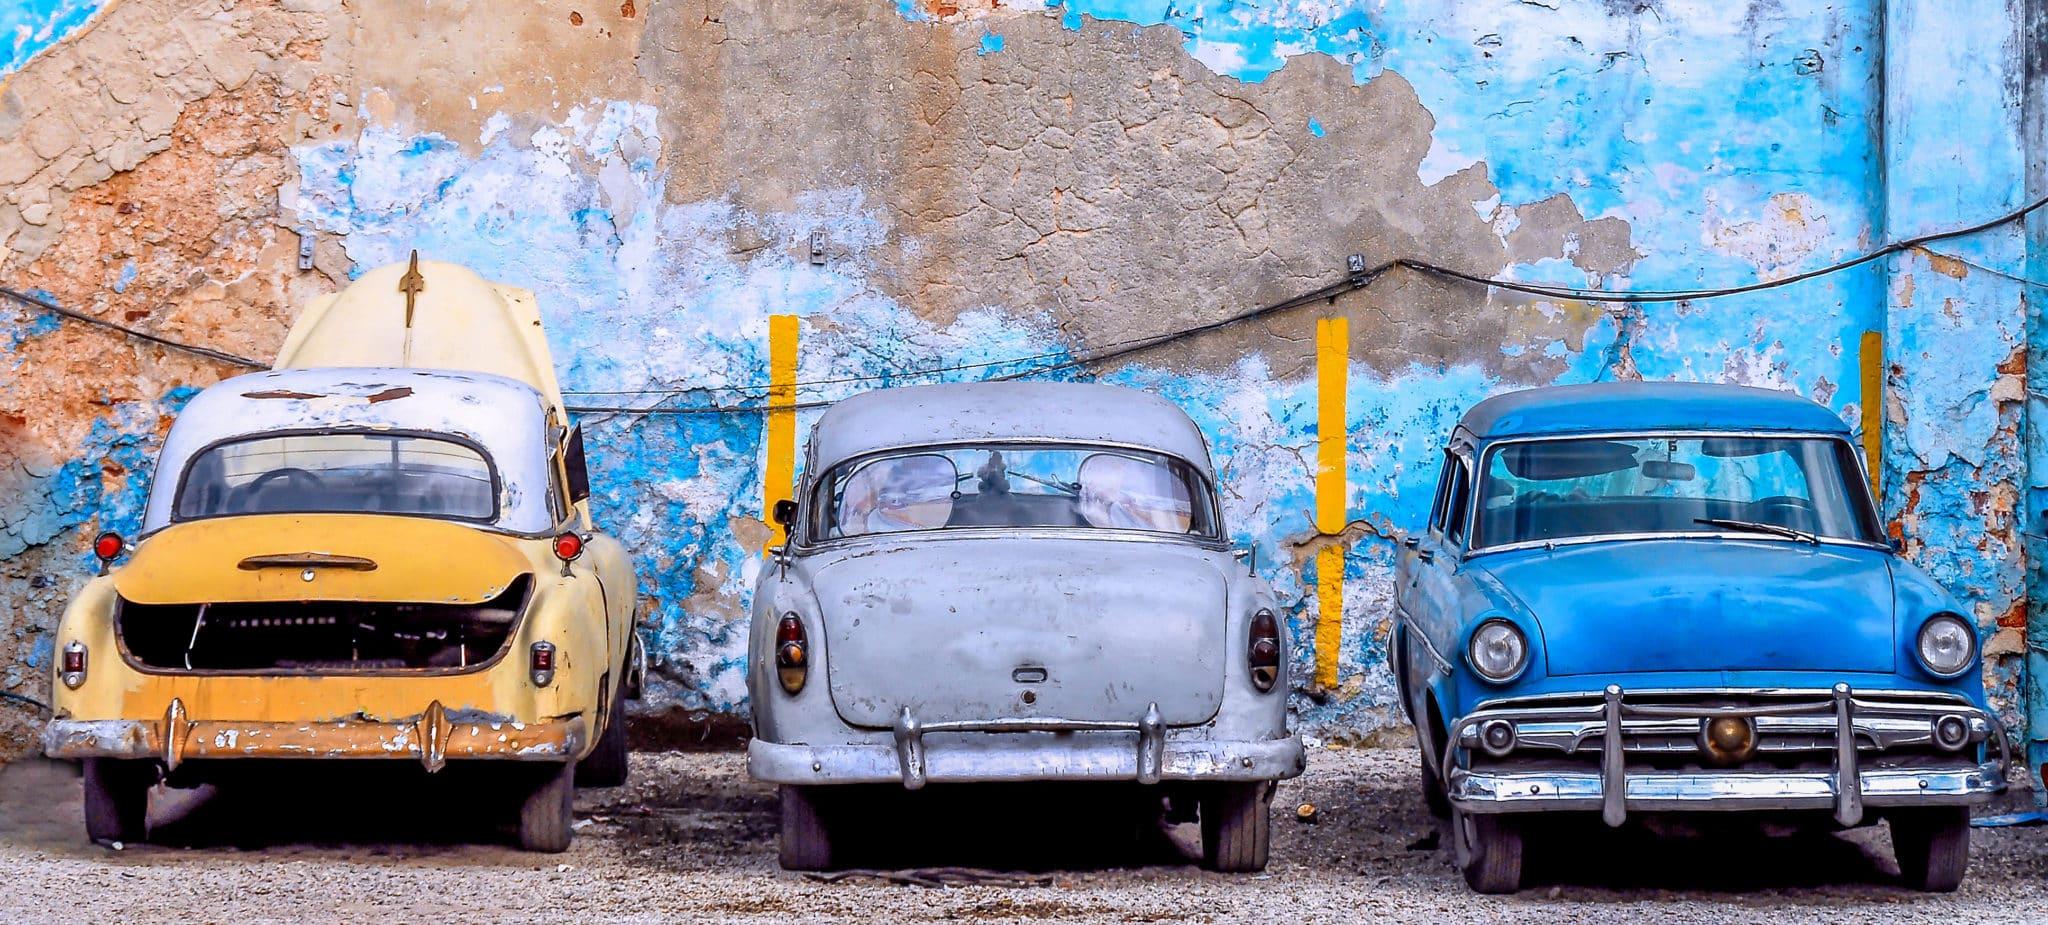 Ontdek Cuba met een cruise